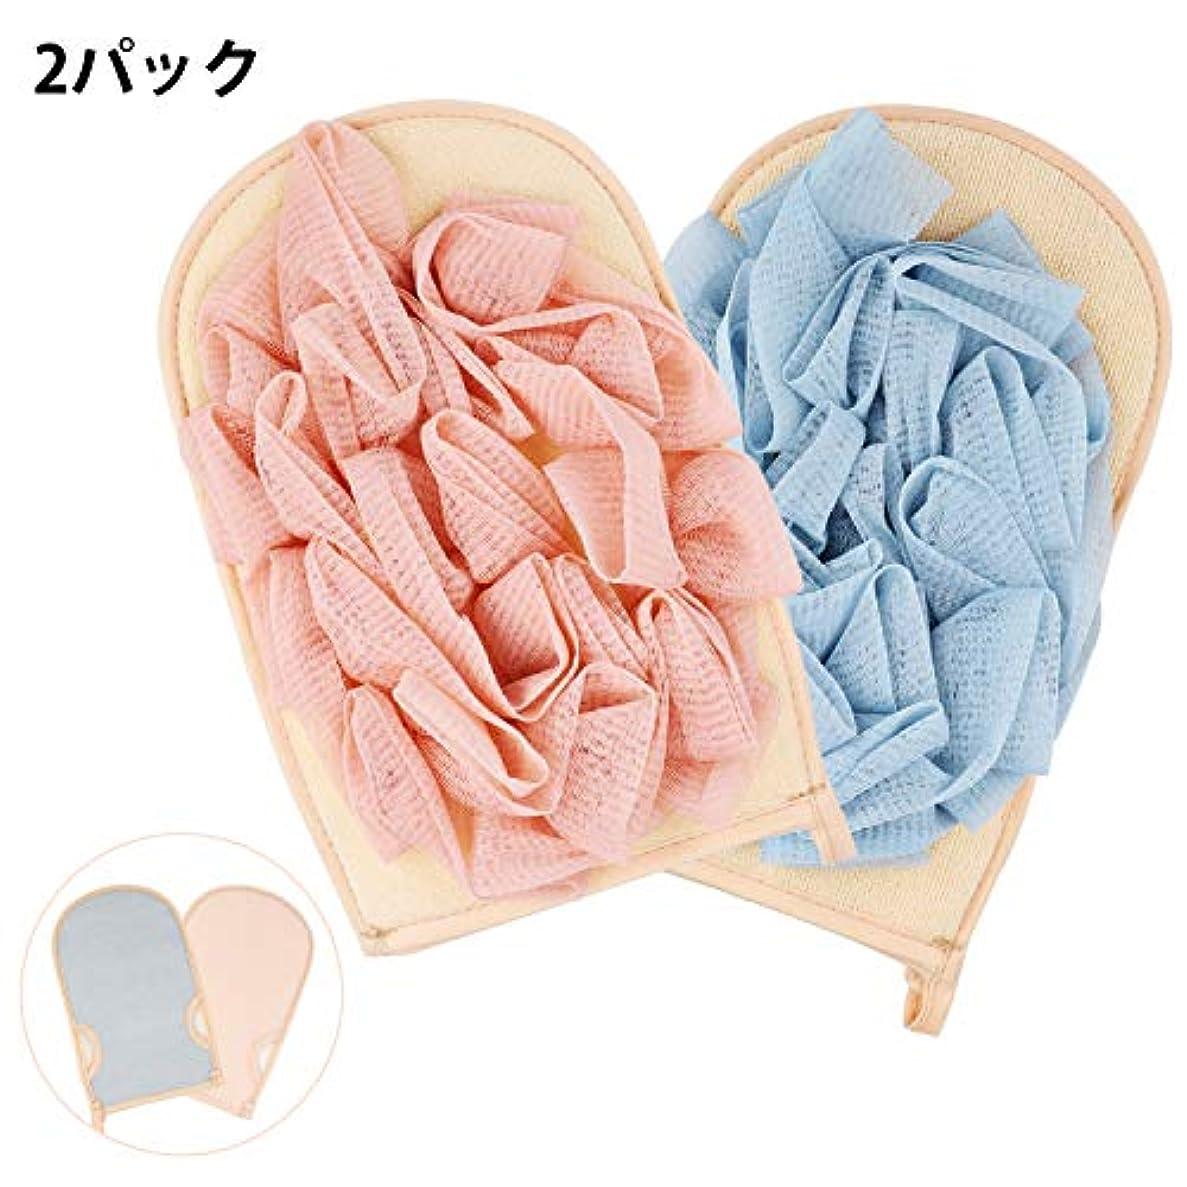 貼り直す測定可能今シャワー手袋 お風呂用手袋 浴用手袋 2枚セット ボディブラシ あかすり手袋 両面スクラブ やわらか ボディタオル ボディースポンジ バス用品 泡立ち 男女兼用 角質除去 ブルー ピンク